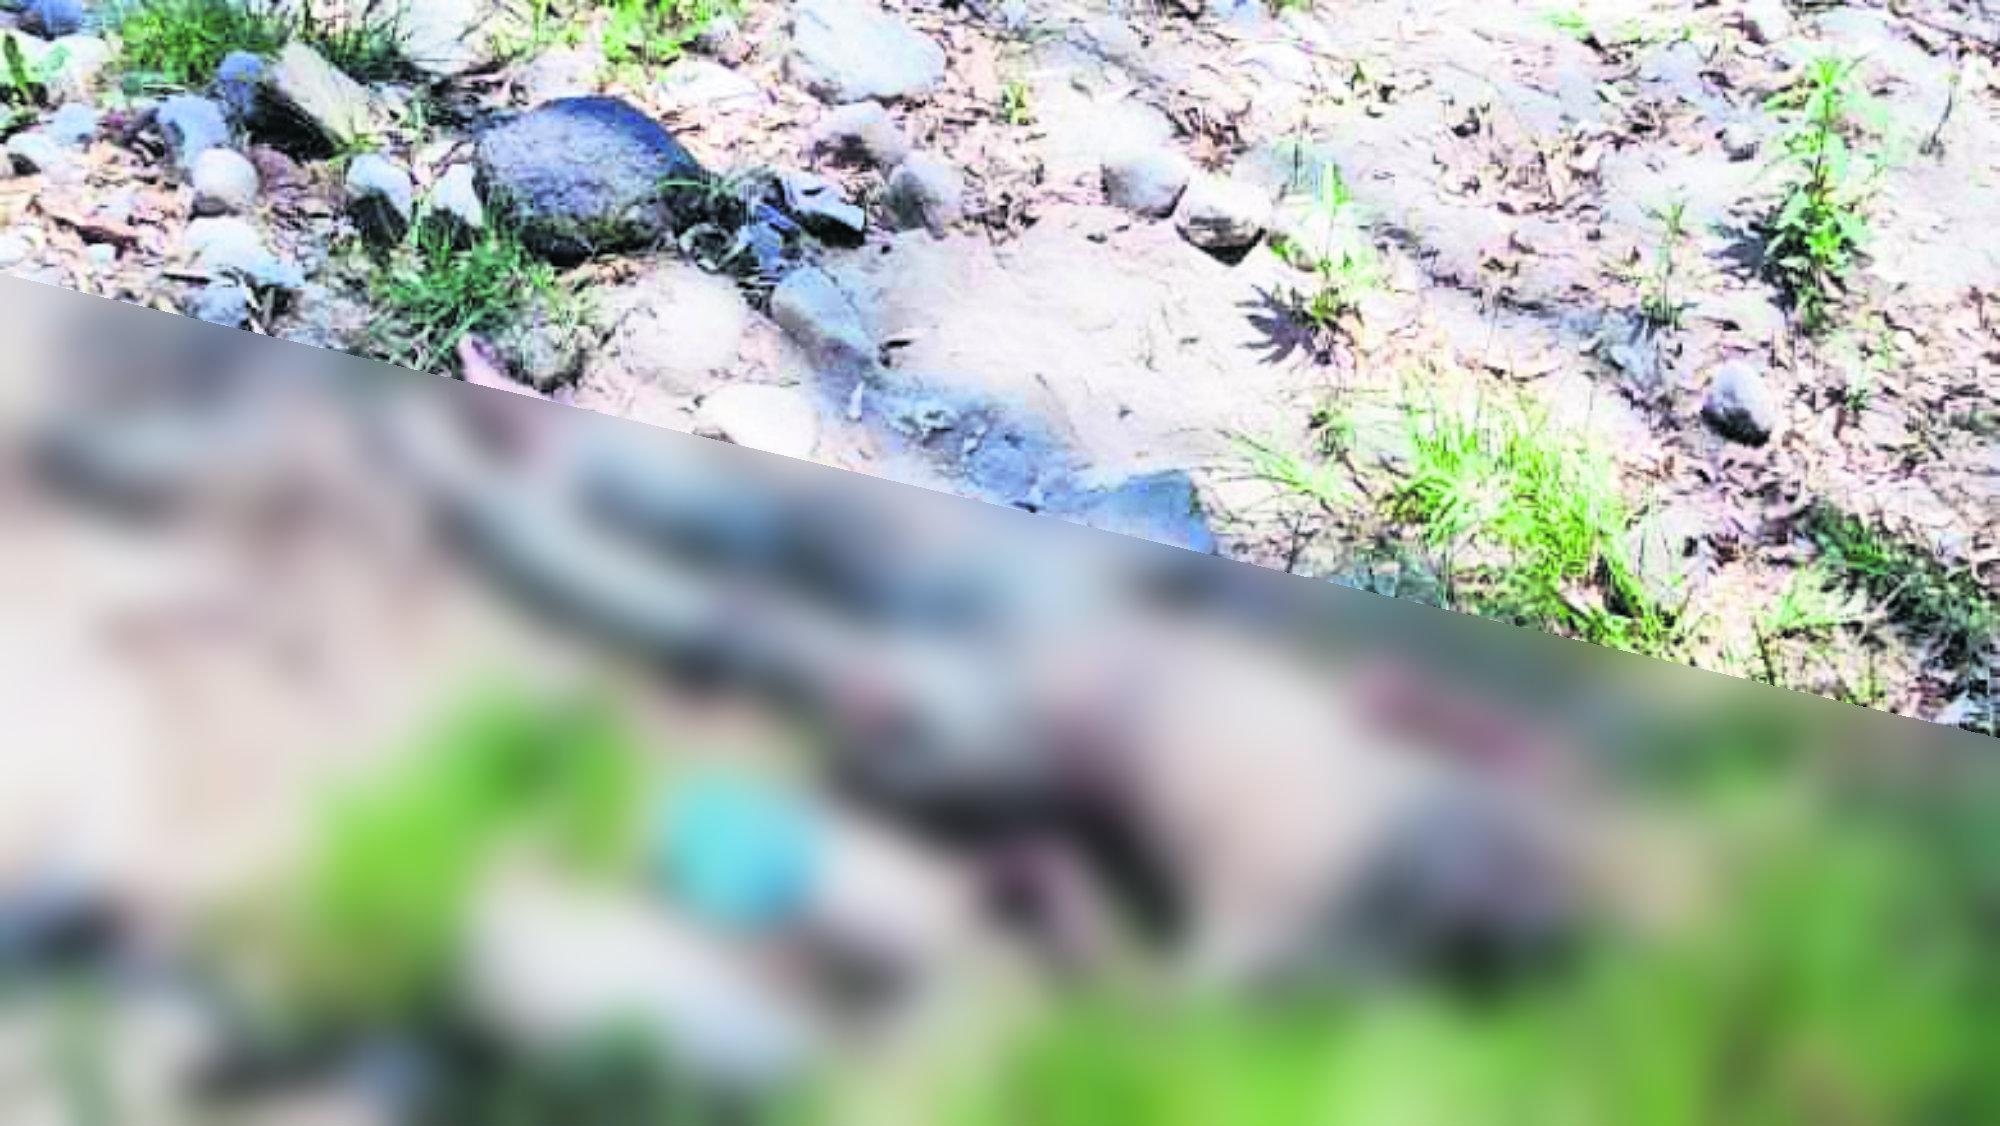 Hallan cadáver Estados de descomposición Edoméx Huixquilucan